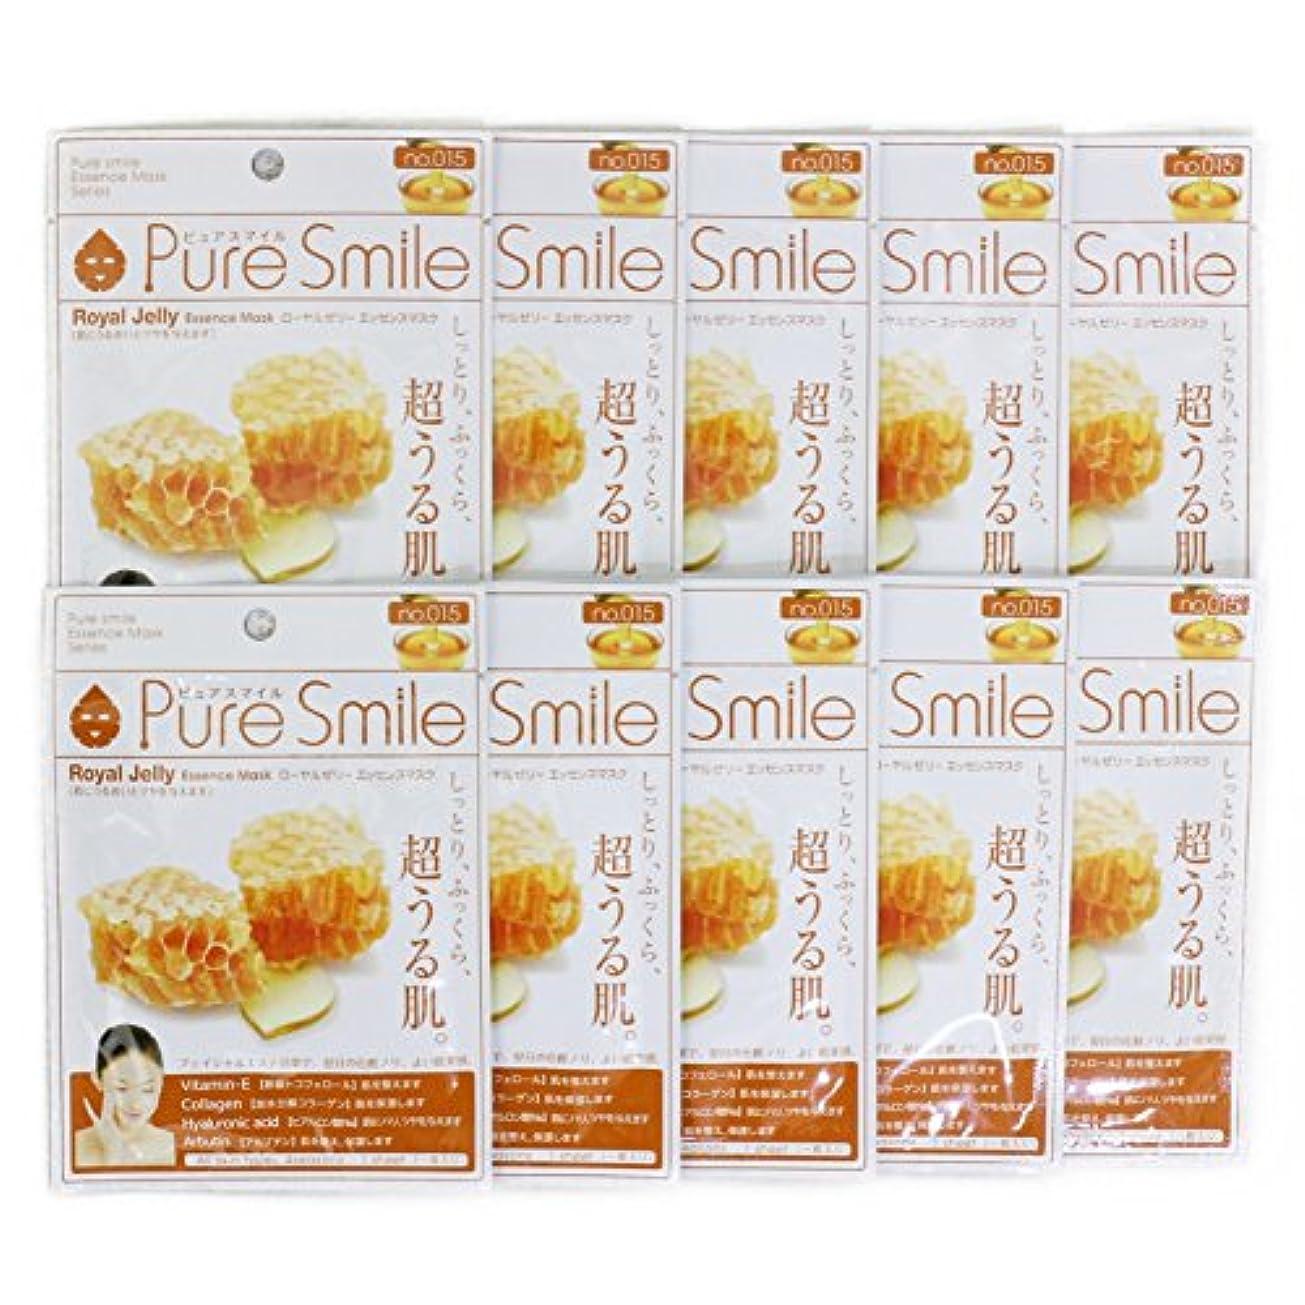 ボウリング性能修正Pure Smile ピュアスマイル エッセンスマスク ローヤルゼリー 10枚セット